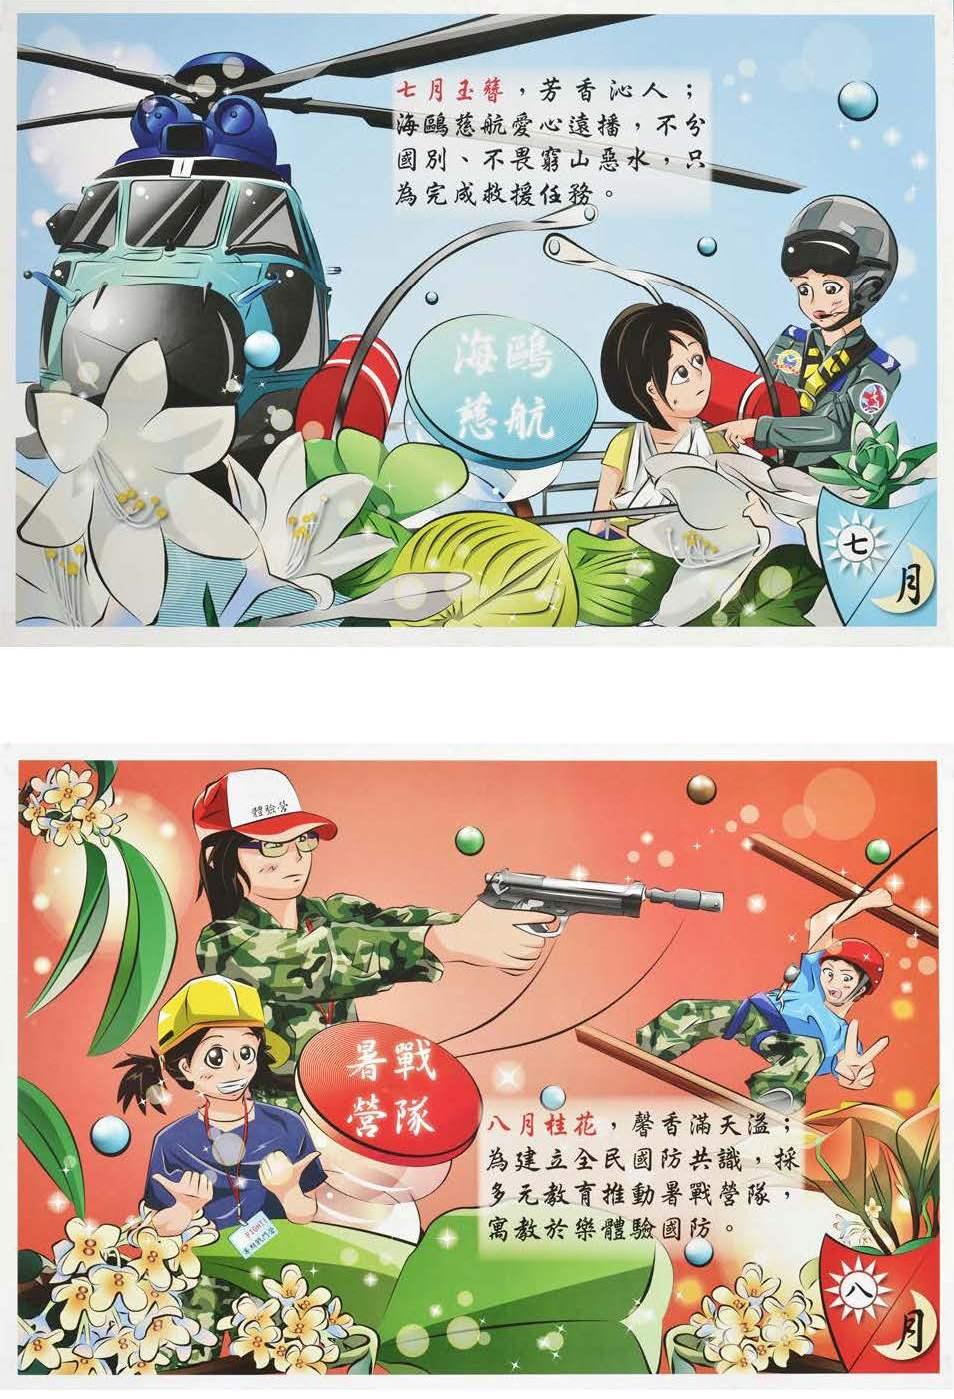 第50屆漫畫類銅像獎作品_傳承‧花月令5_蘇元津.jpg